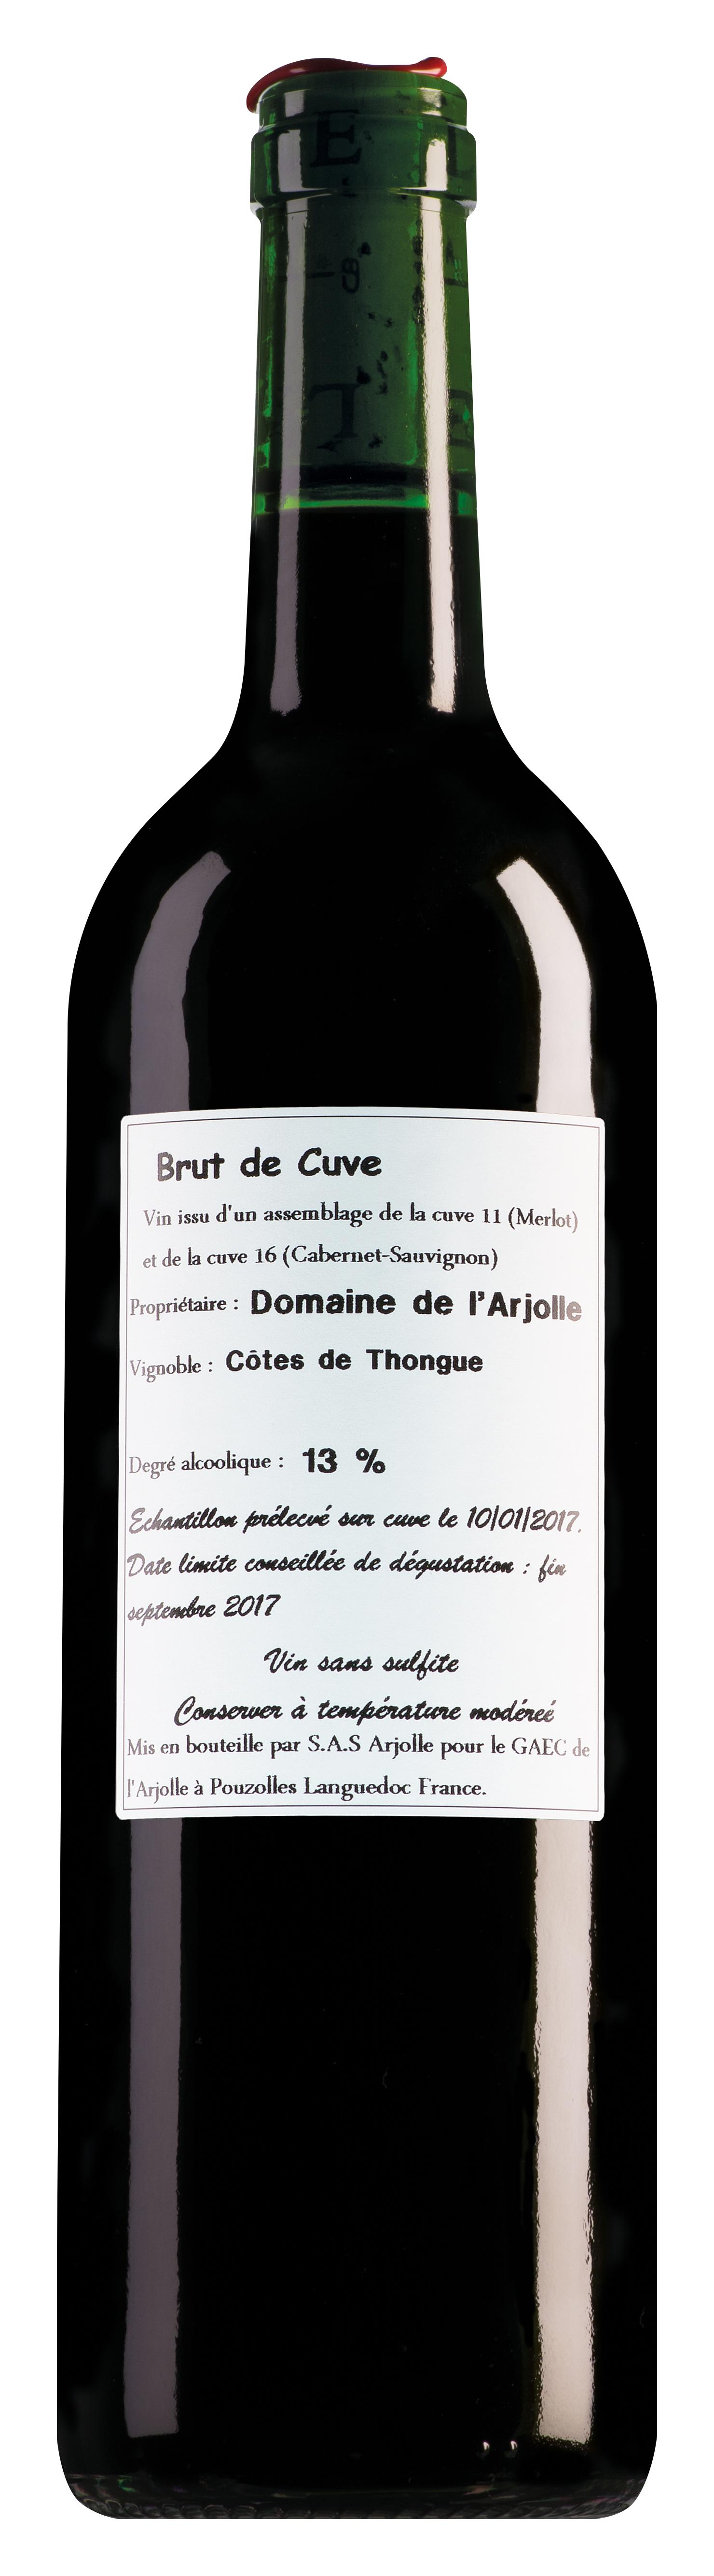 Domaine de l'Arjolle Côtes de Thongue Merlot-Cabernet Sauvignon Brut de Cuve